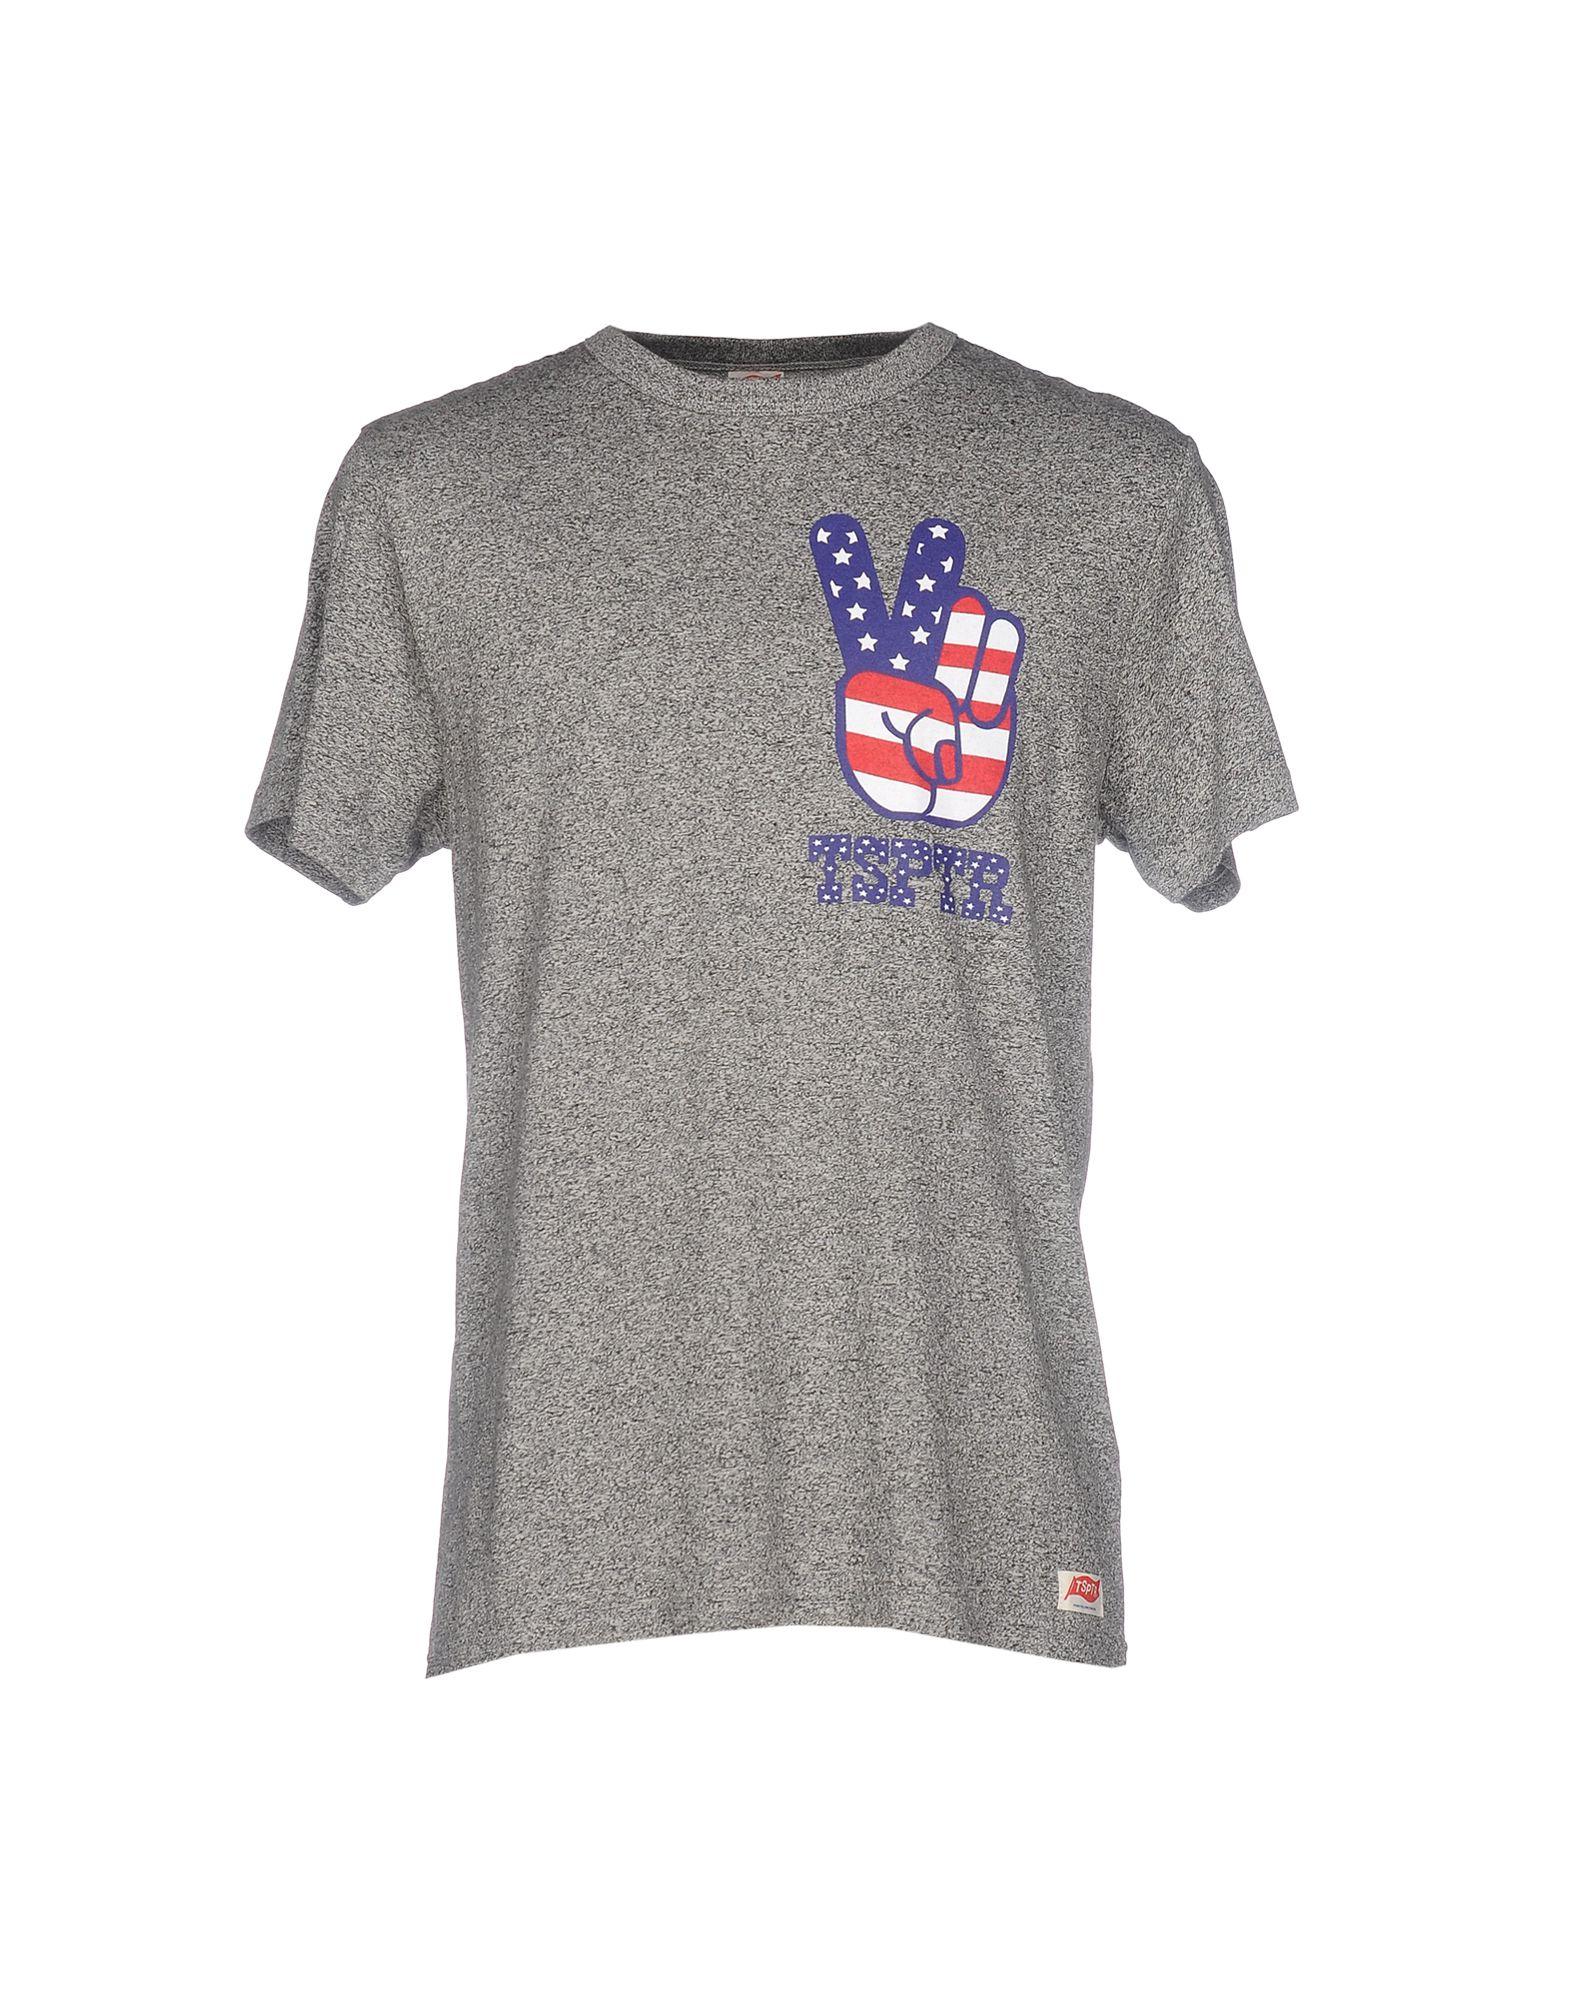 TSPTR T-Shirt in Grey